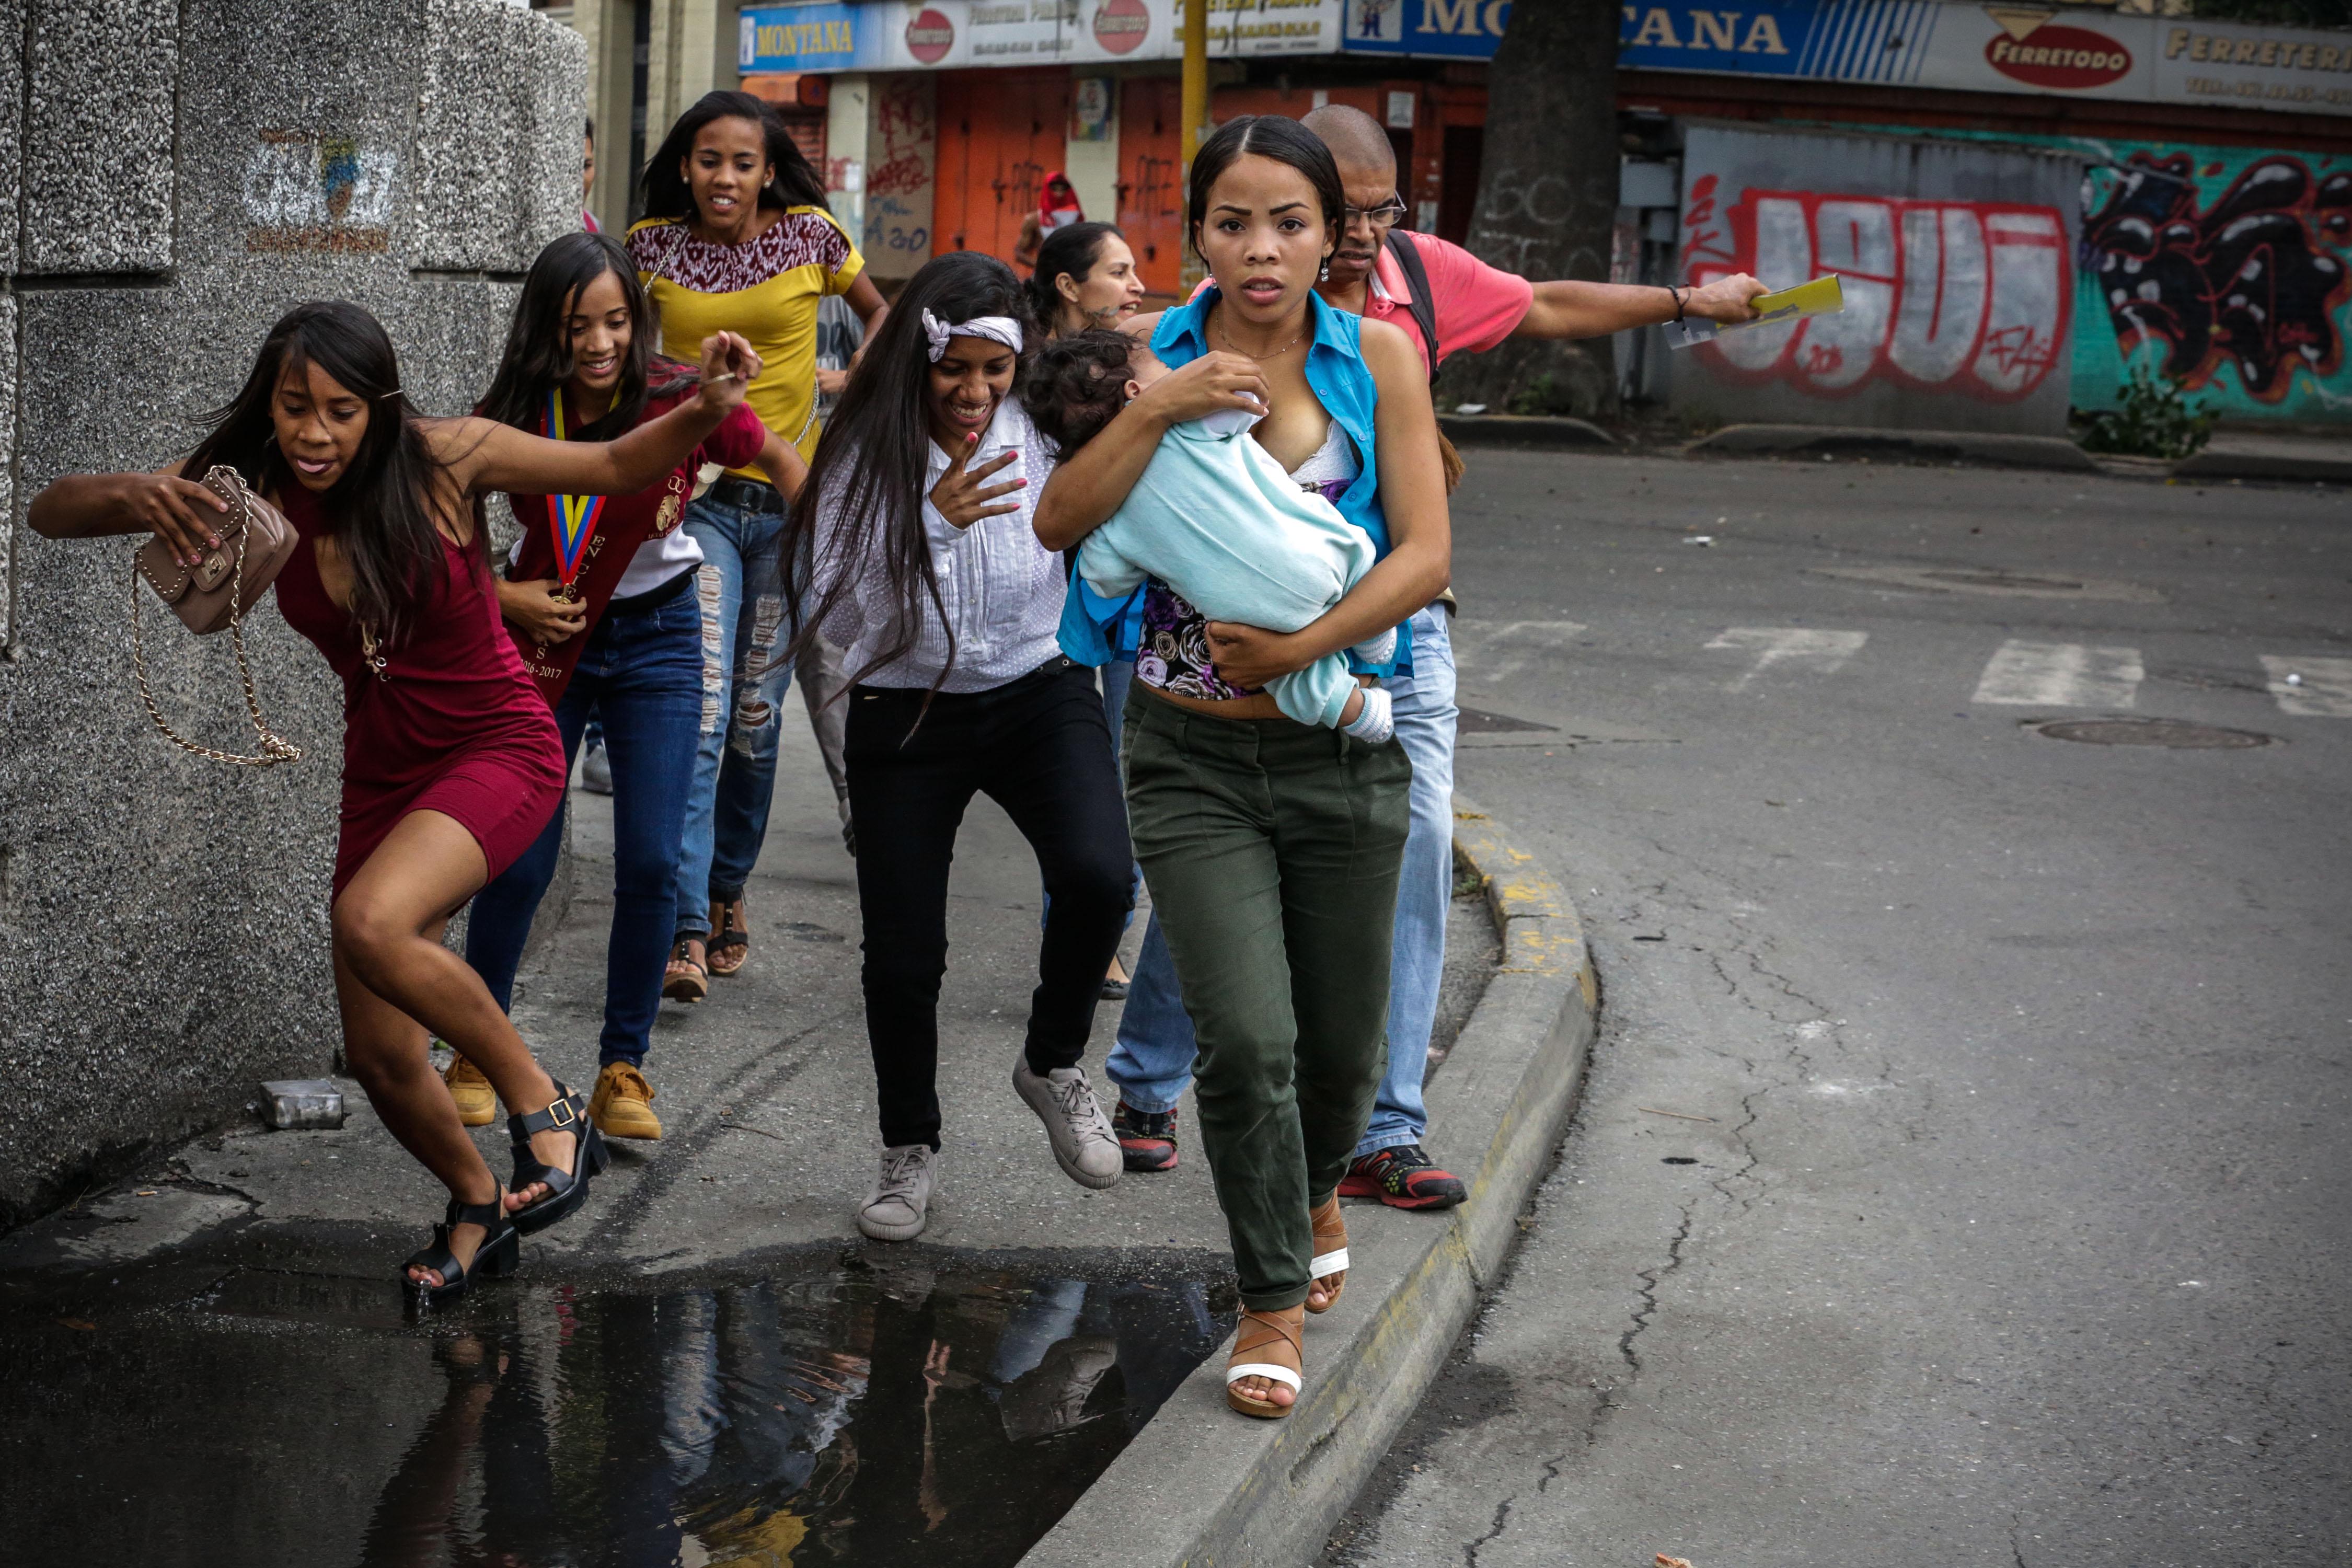 Ciutadans tracten d'evitar els xocs entre manifestants opositors i agents de la Guàrdia Nacional Bolivariana (GNB) a Caracas (Veneçuela). /CRISTIAN HERNÁNDEZ